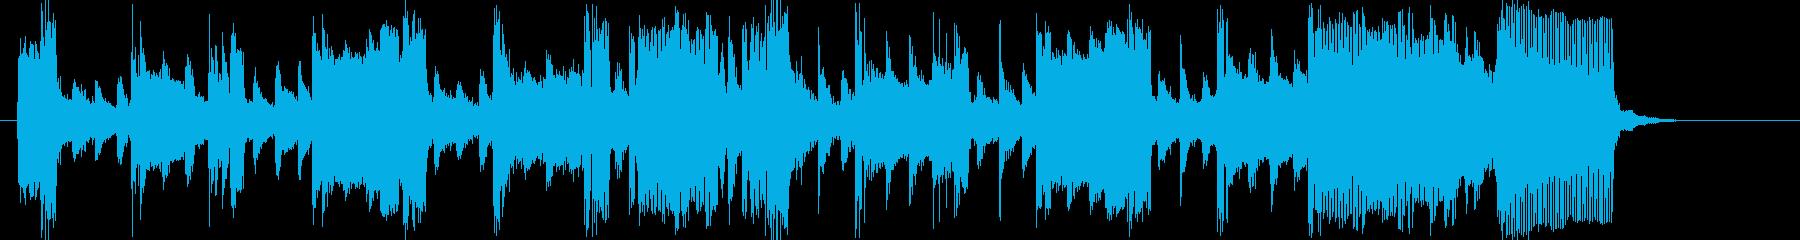 緩やかでなだらかなトランペットジングルの再生済みの波形